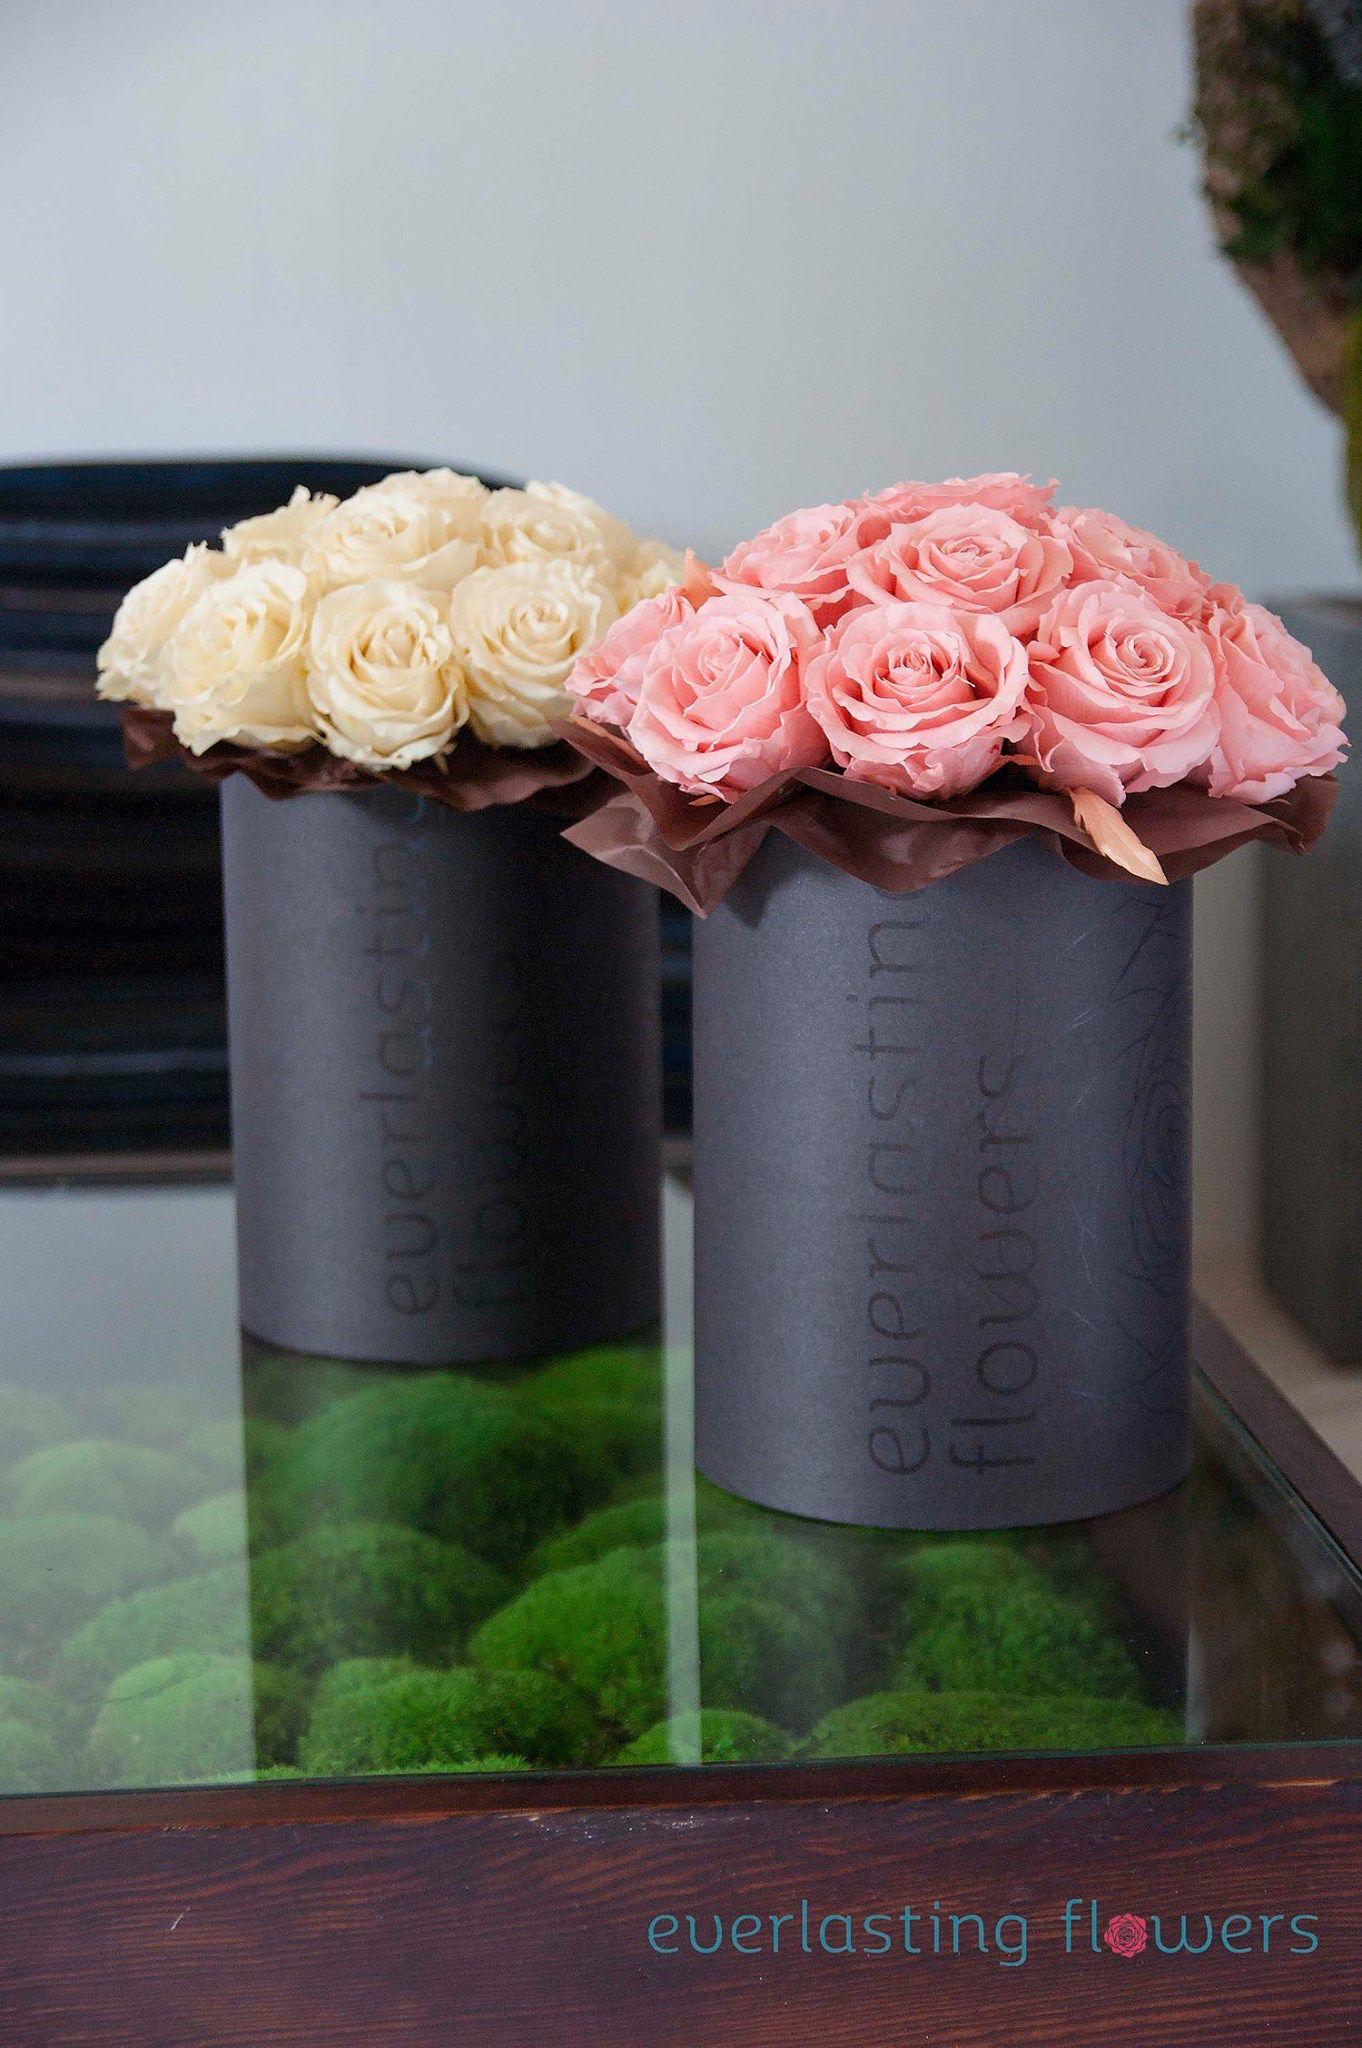 Flower Box Kwiaty Na Kazda Okazje Pudelka Z Kwiatami Idealny Prezent Na Kazda Okazje Flower Boxes Flowers Box